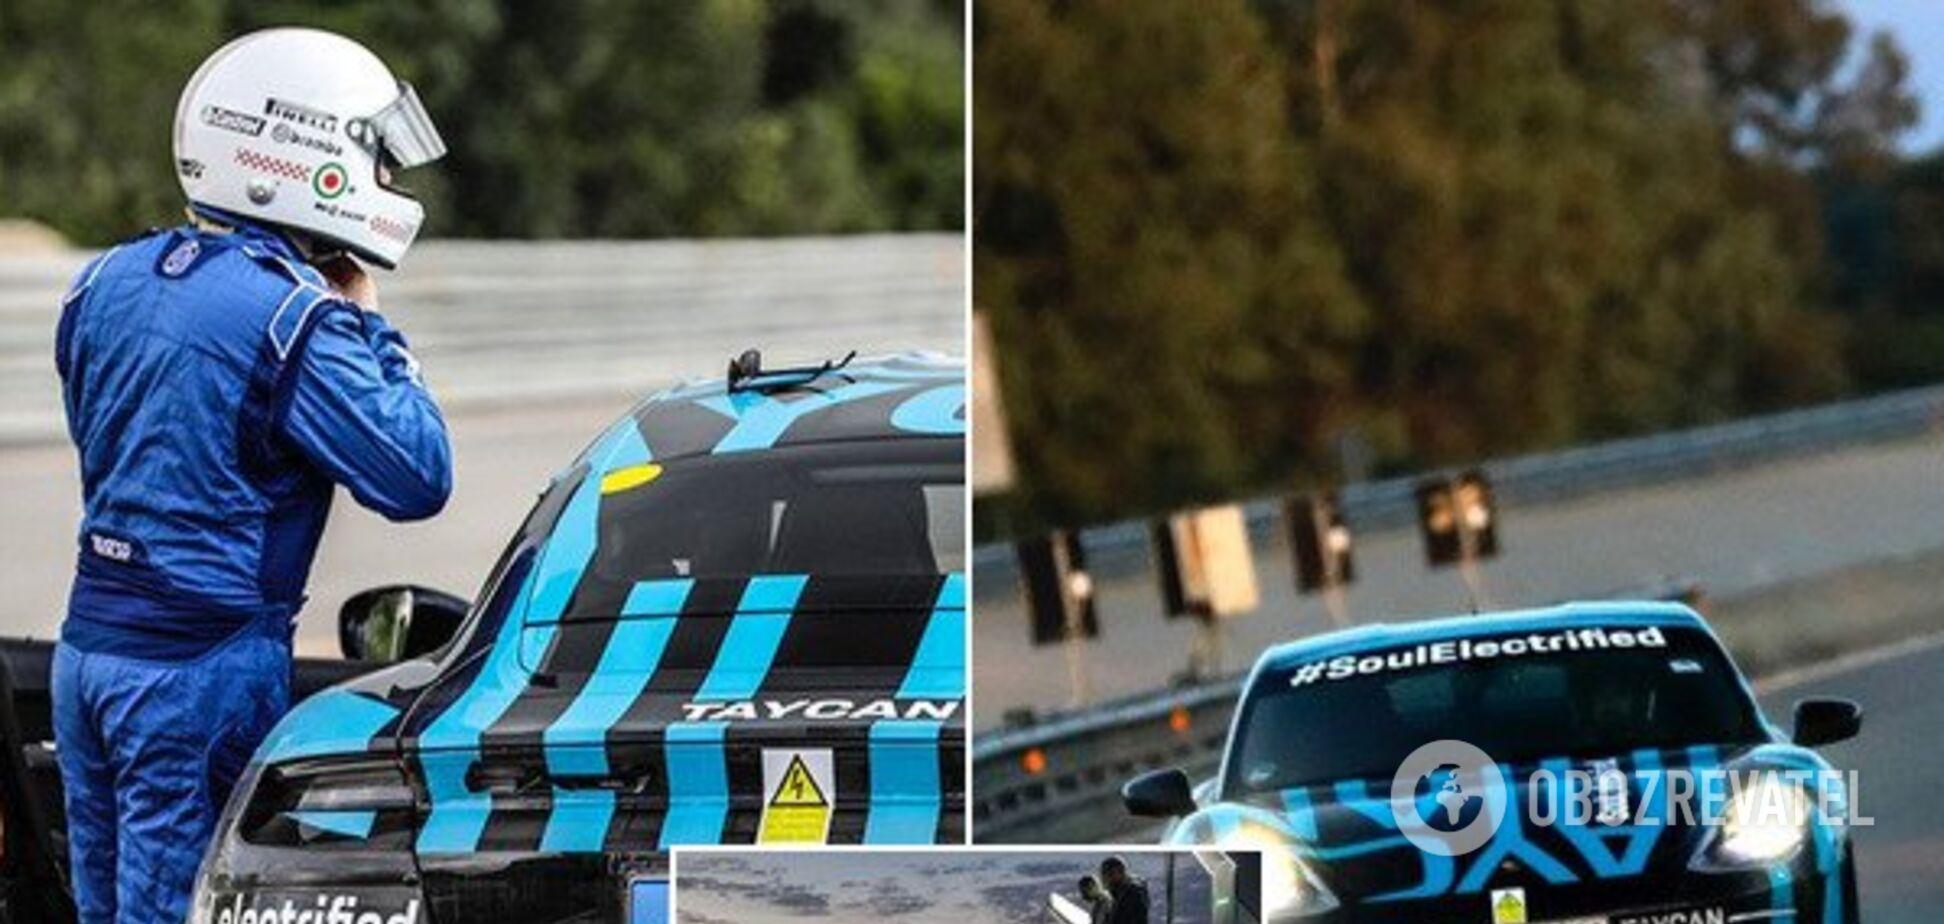 Первый электромобиль Porsche совершил тестовый заезд: появились зрелищные фото